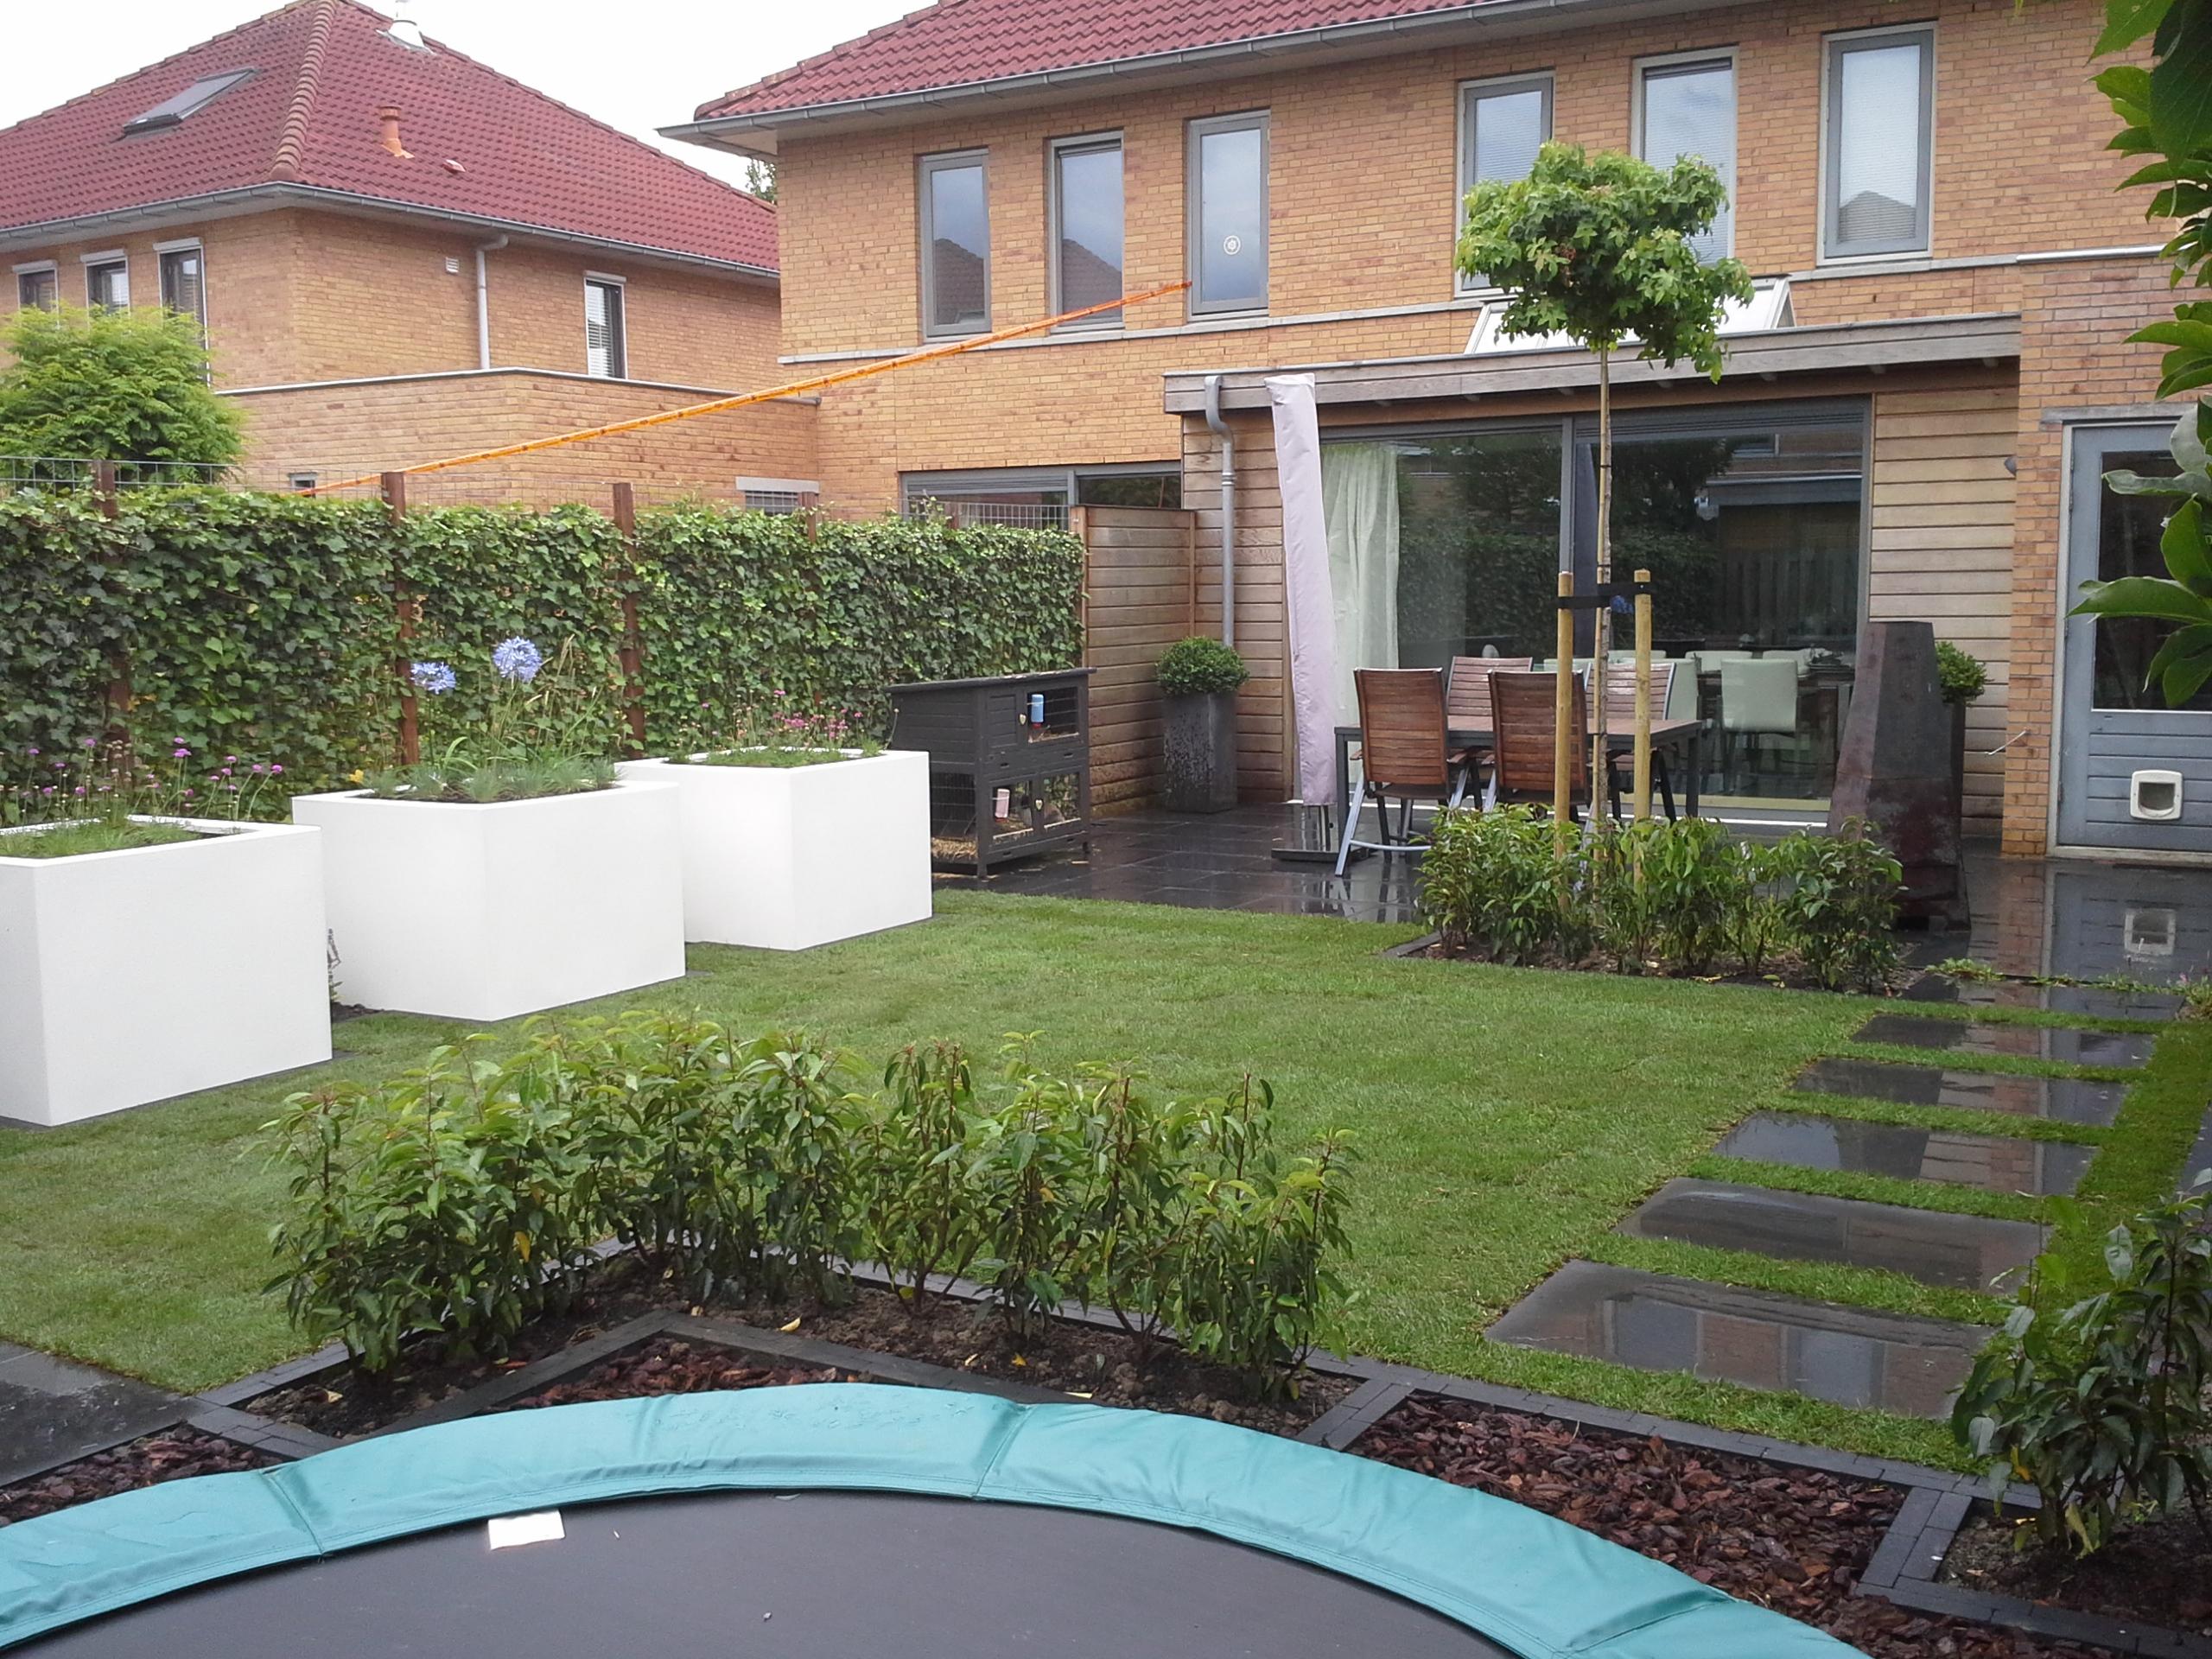 kindvriendelijke tuin de ontluiking